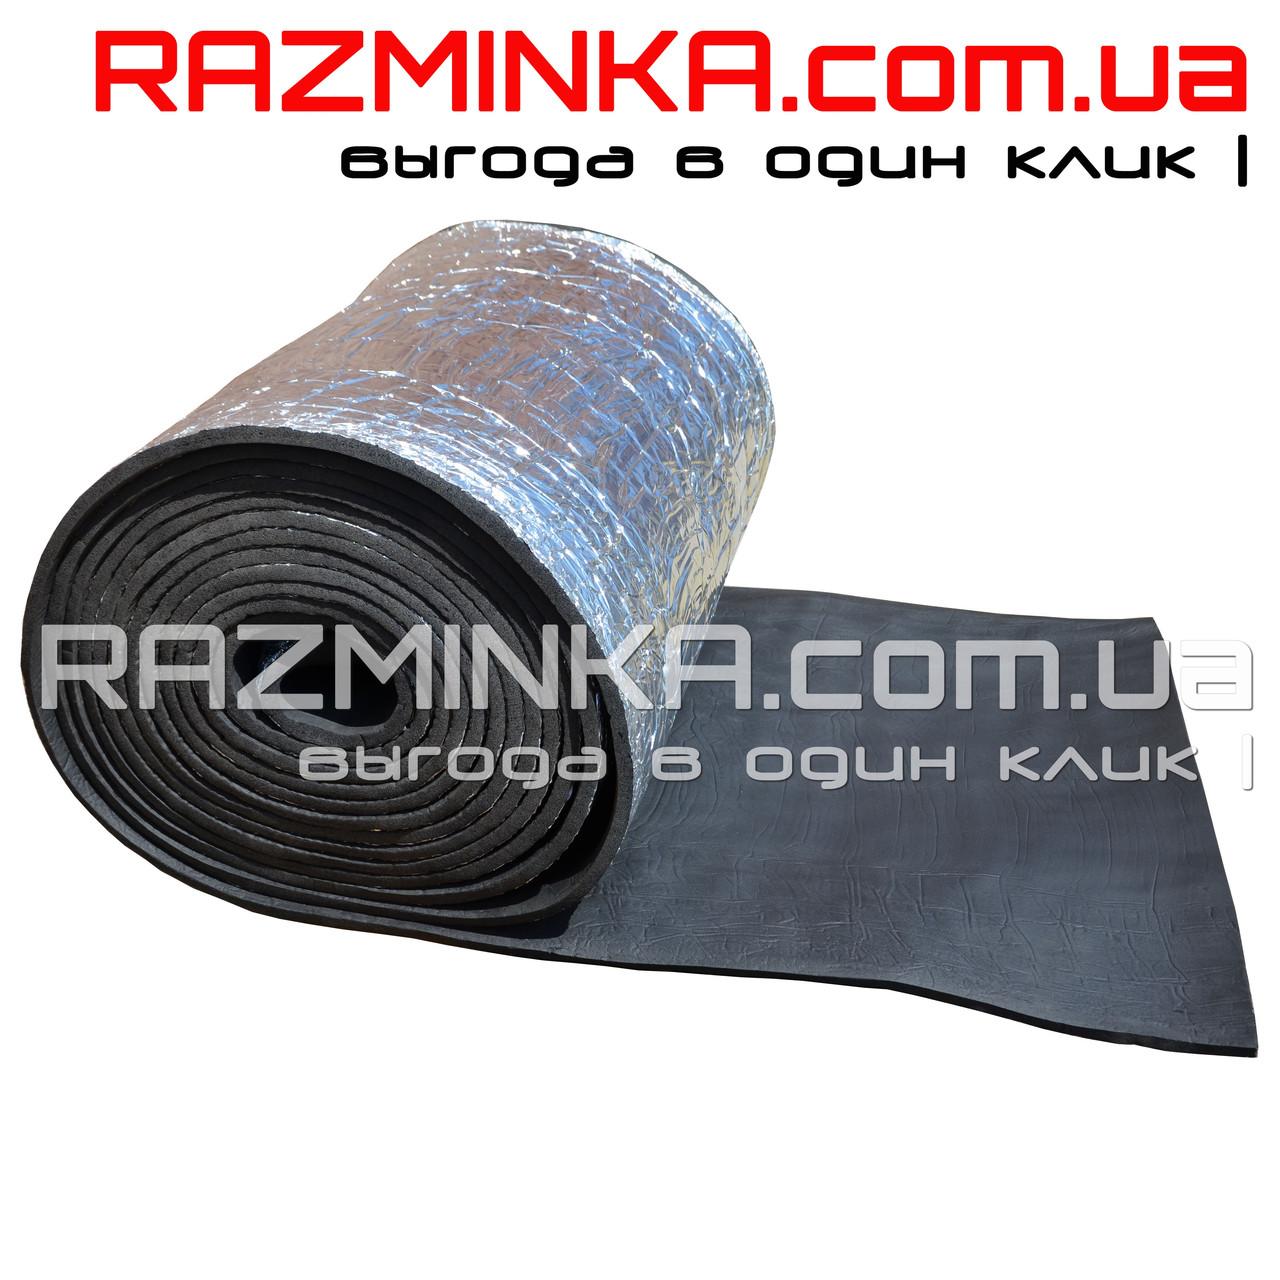 Фольгированный утеплитель 19мм (вспененный каучук)